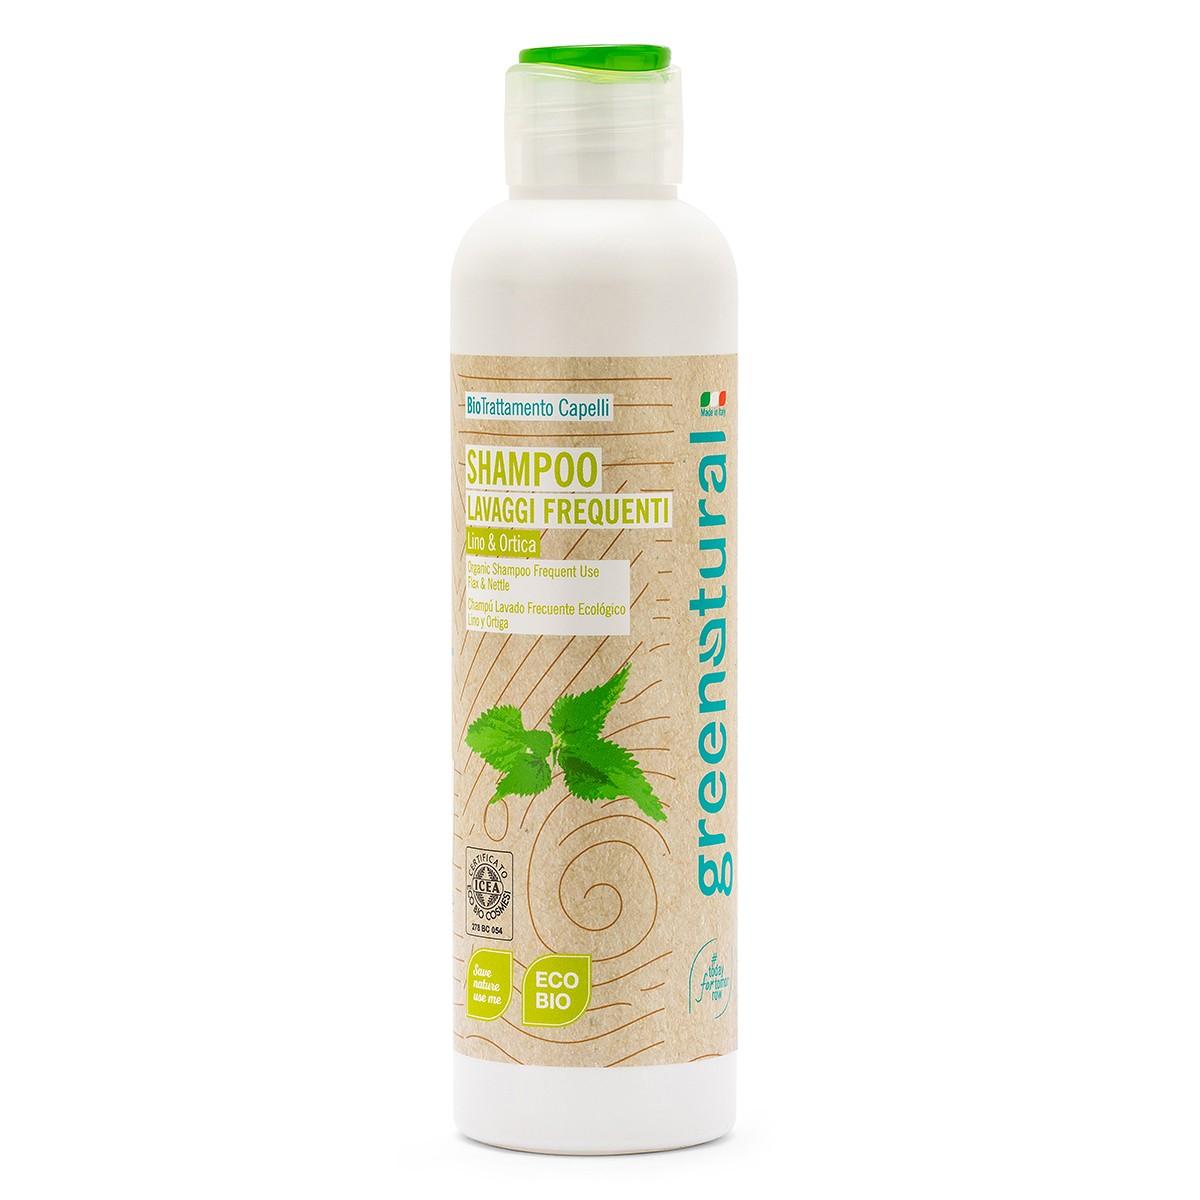 Shampoo Lavaggi Frequenti Lino & Ortica Ecobio - 250 Ml